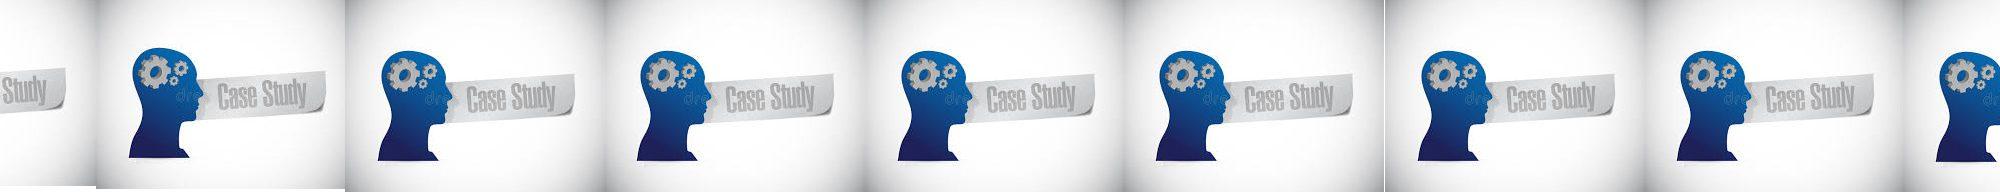 ProSolution Management Services Case Studies